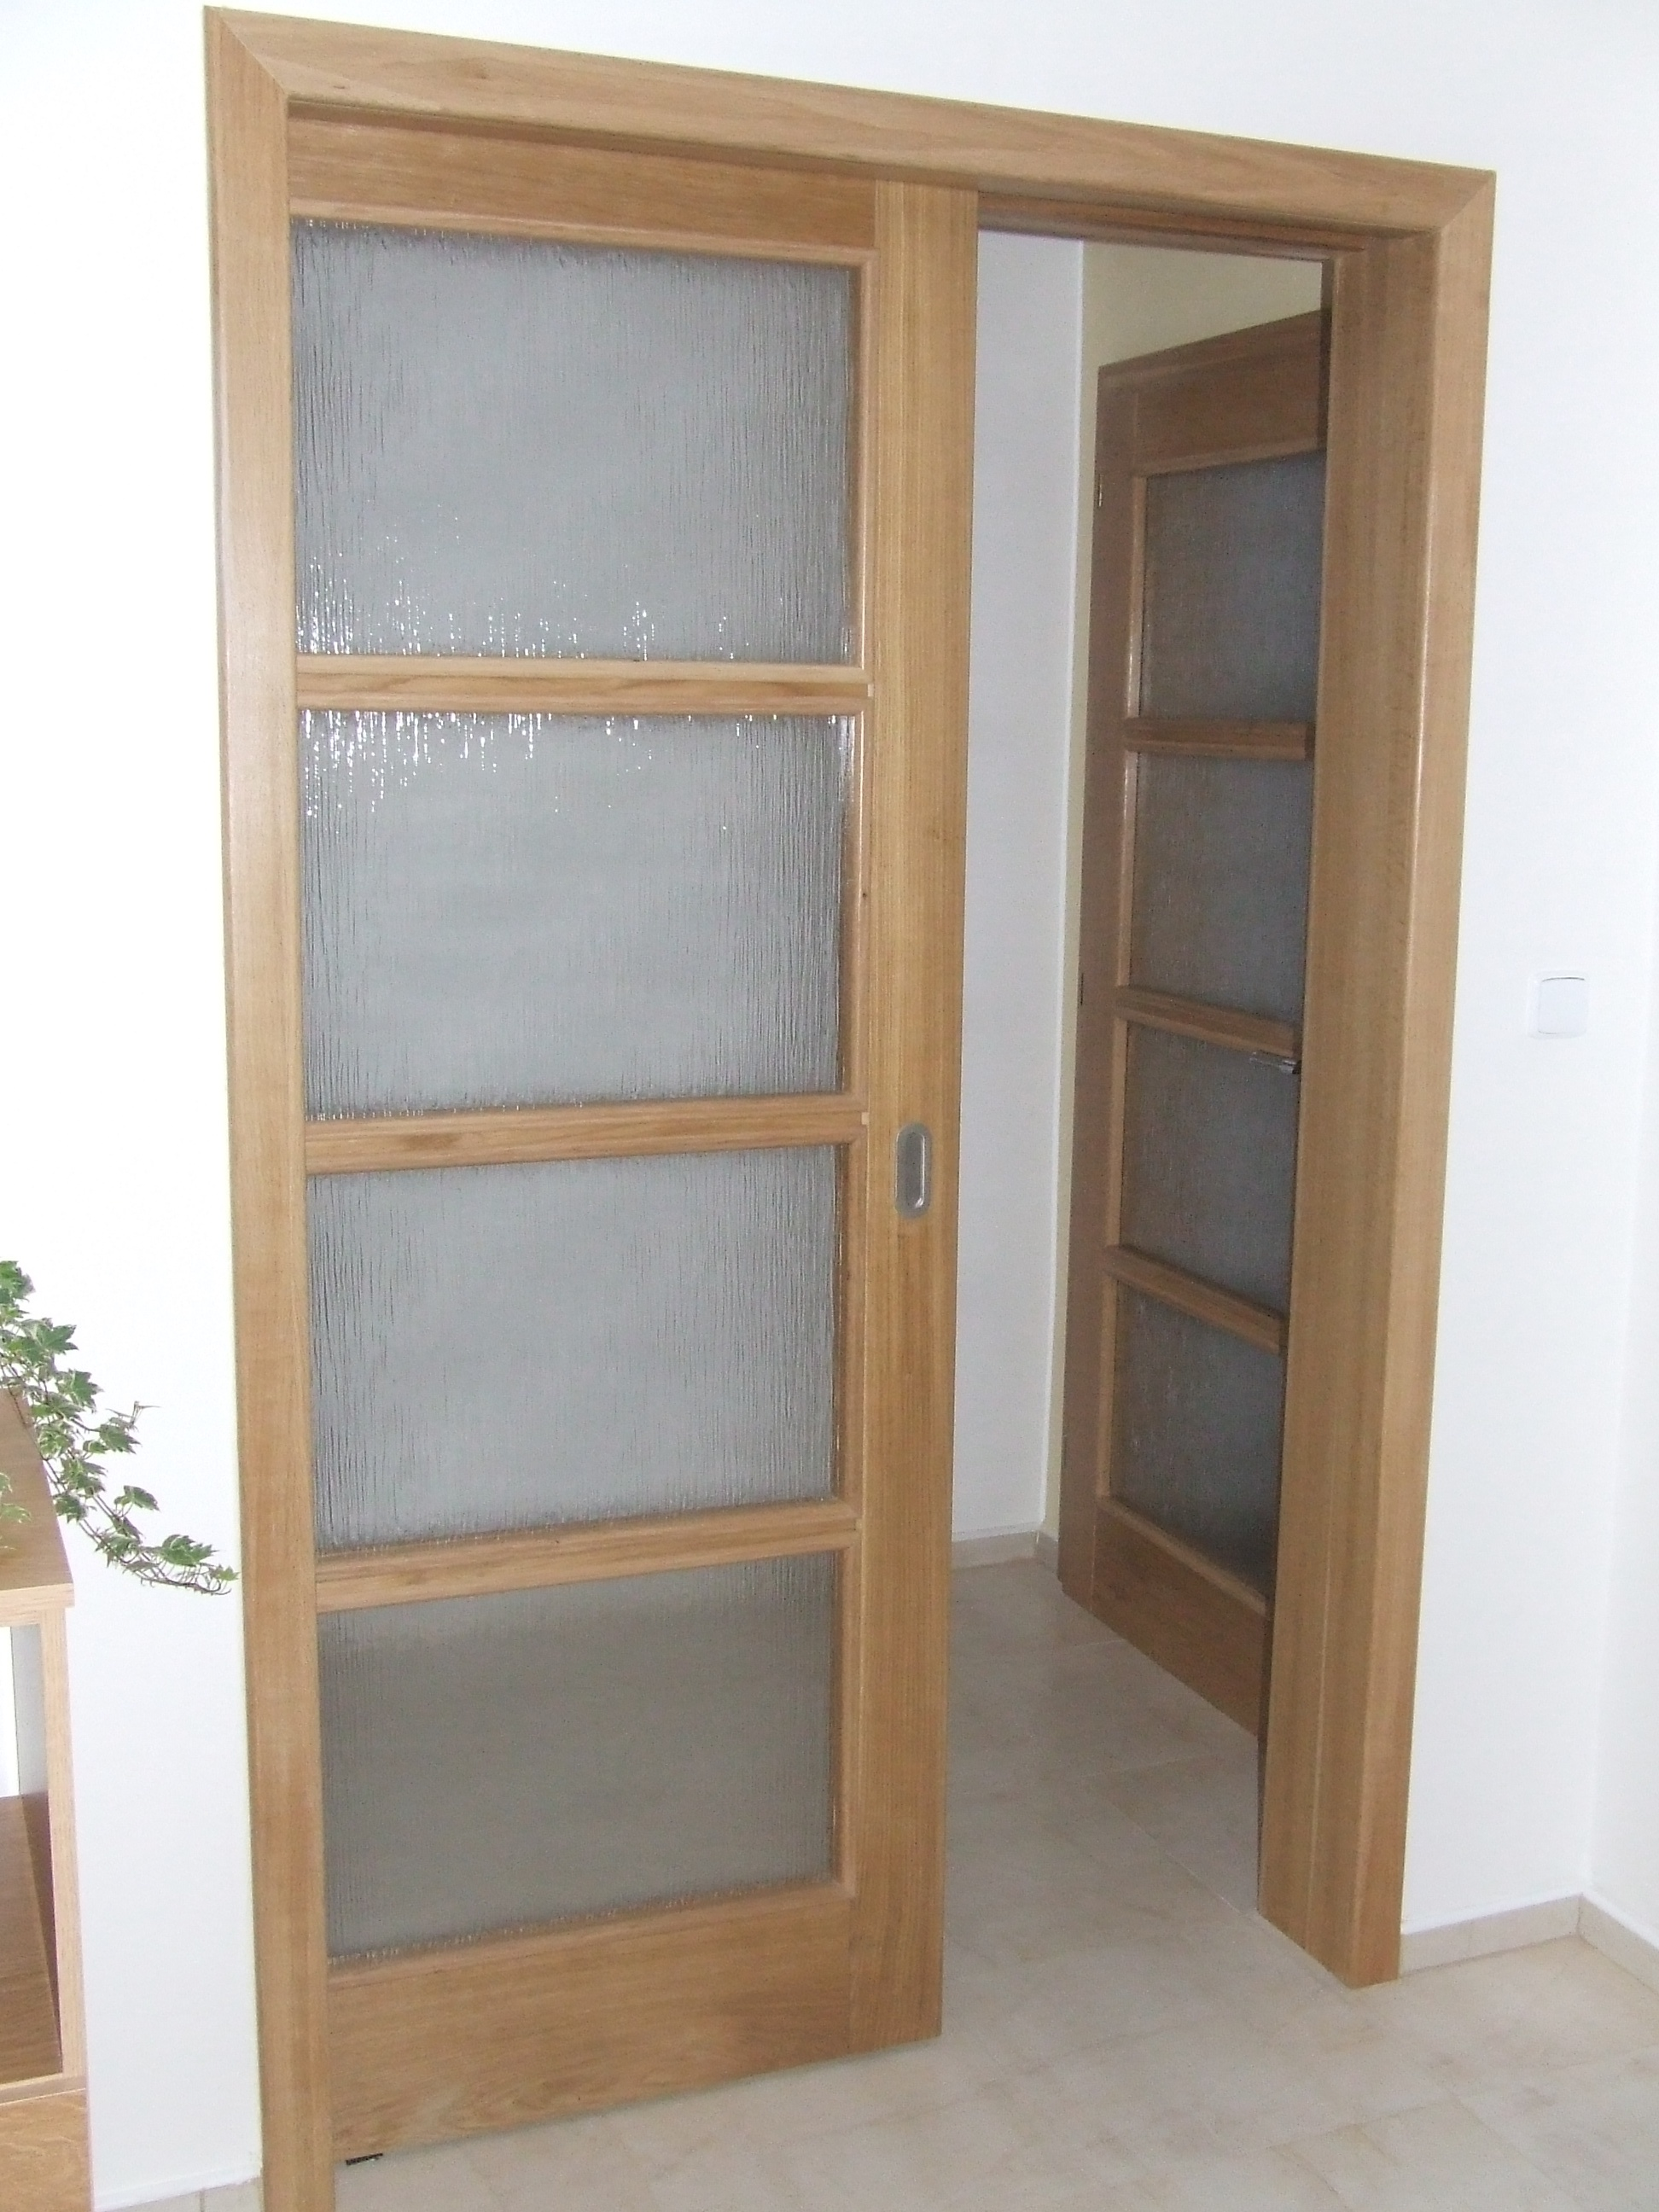 http://www.cesko-katalog.cz/galerie/vlastimil-strubl1443522705.